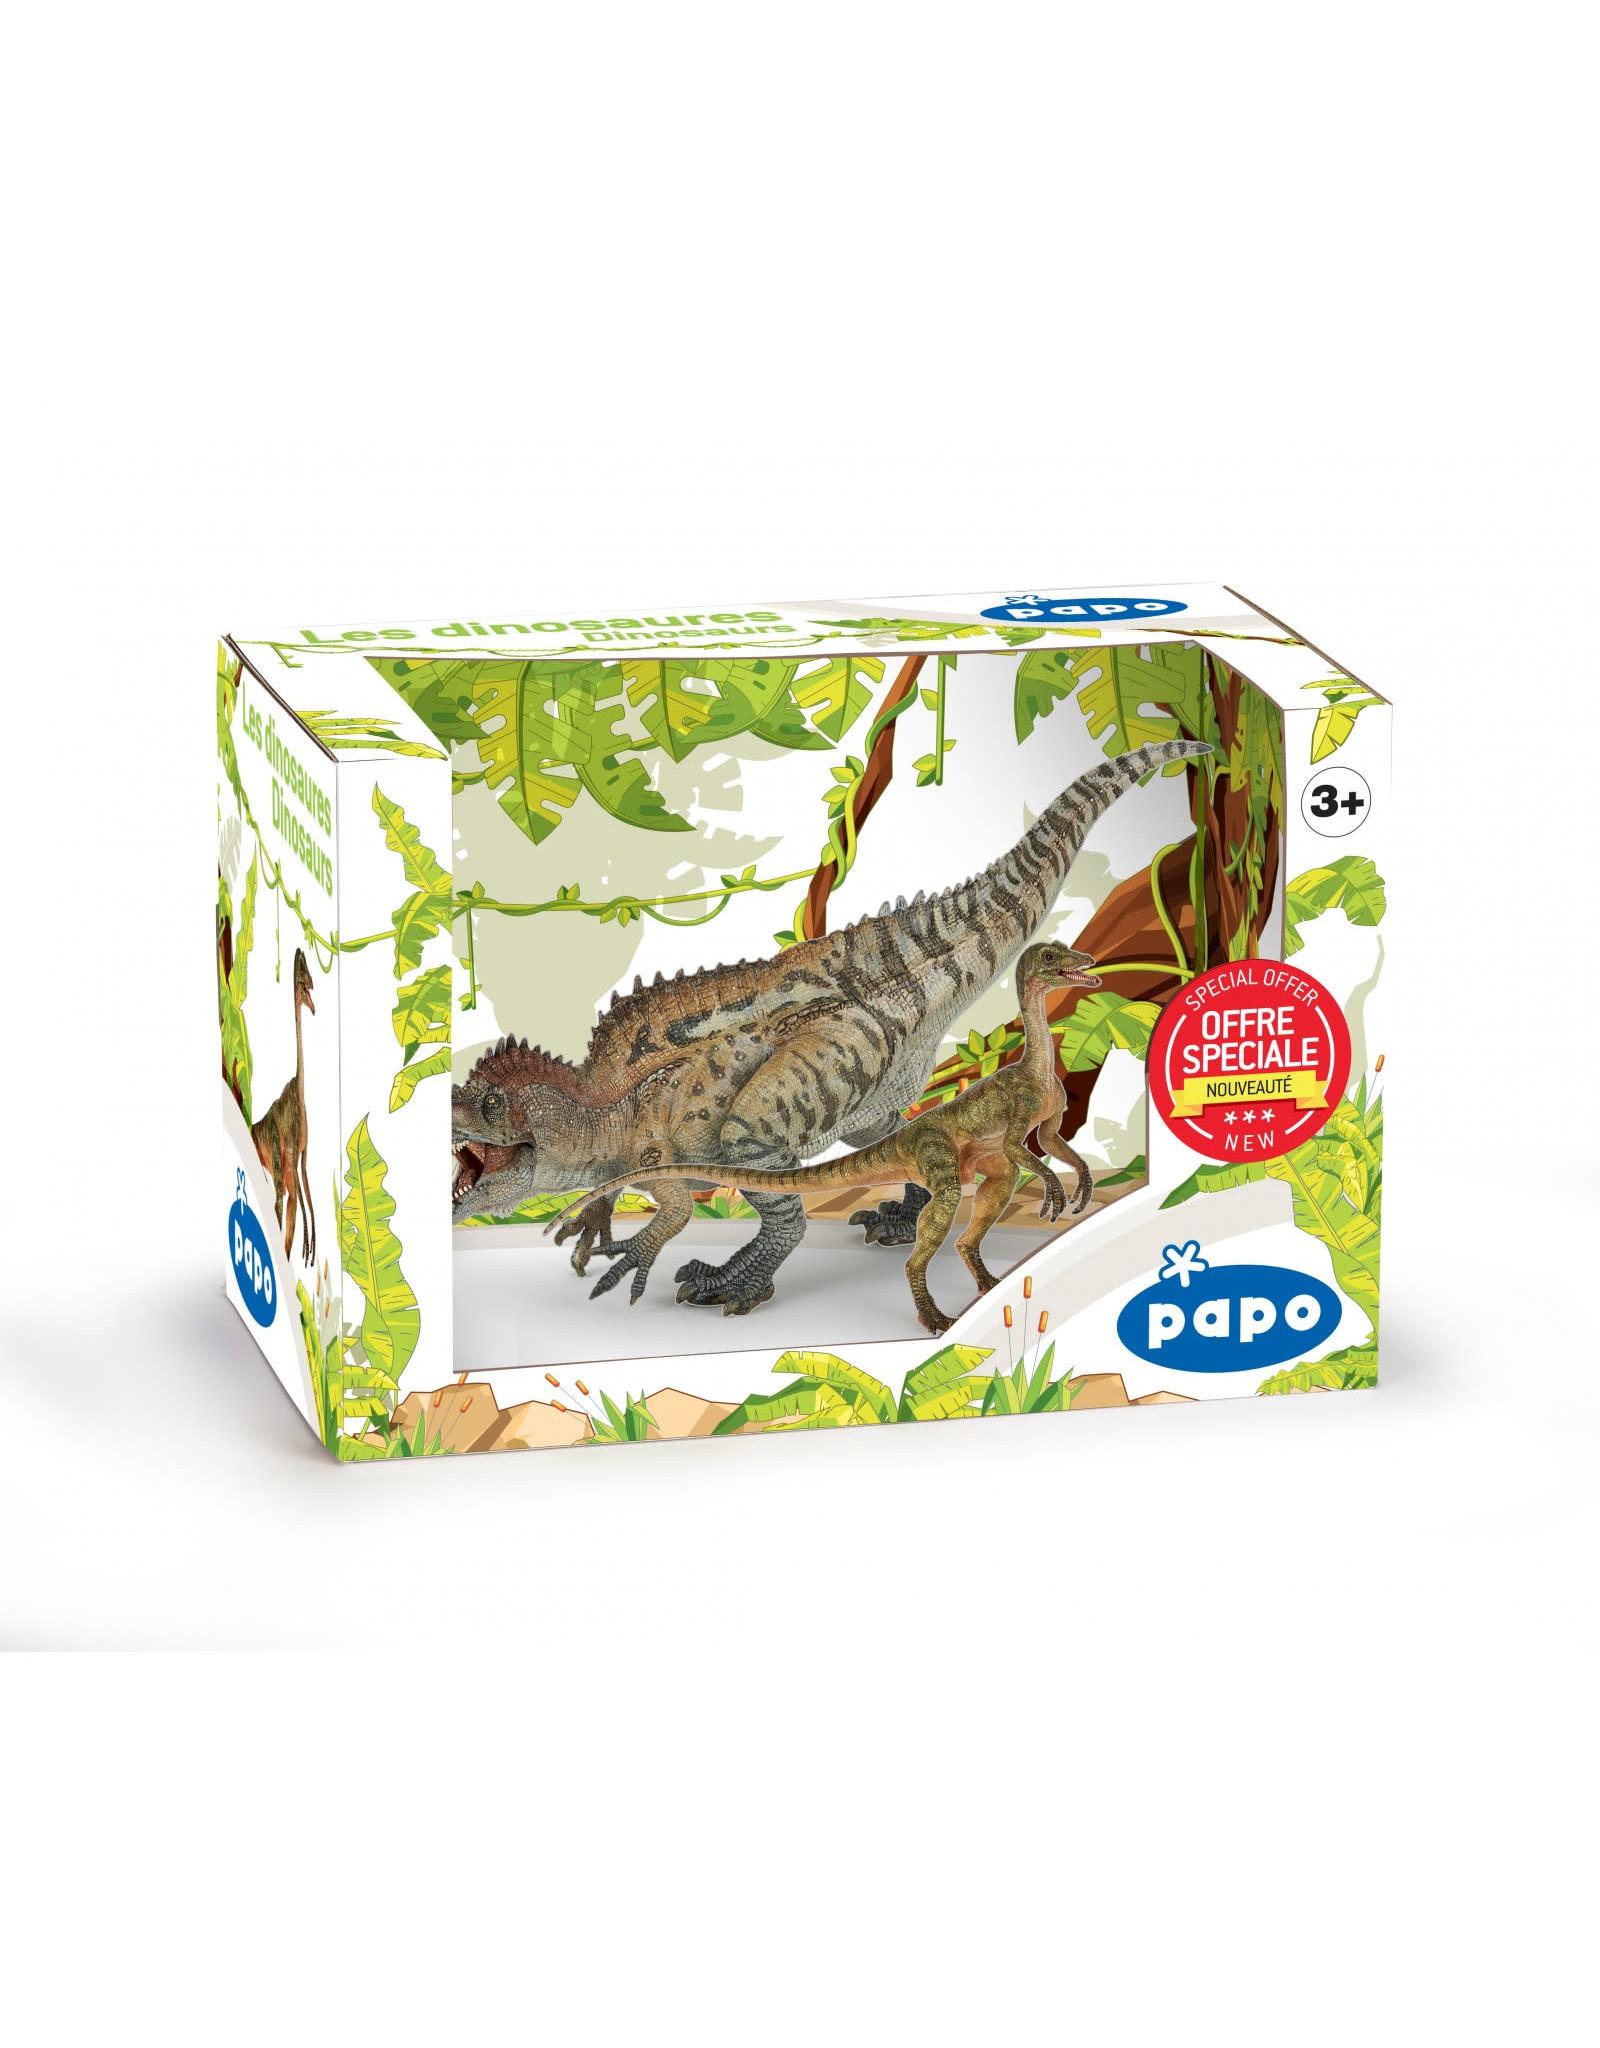 Papo Dino Gift Set (80104)